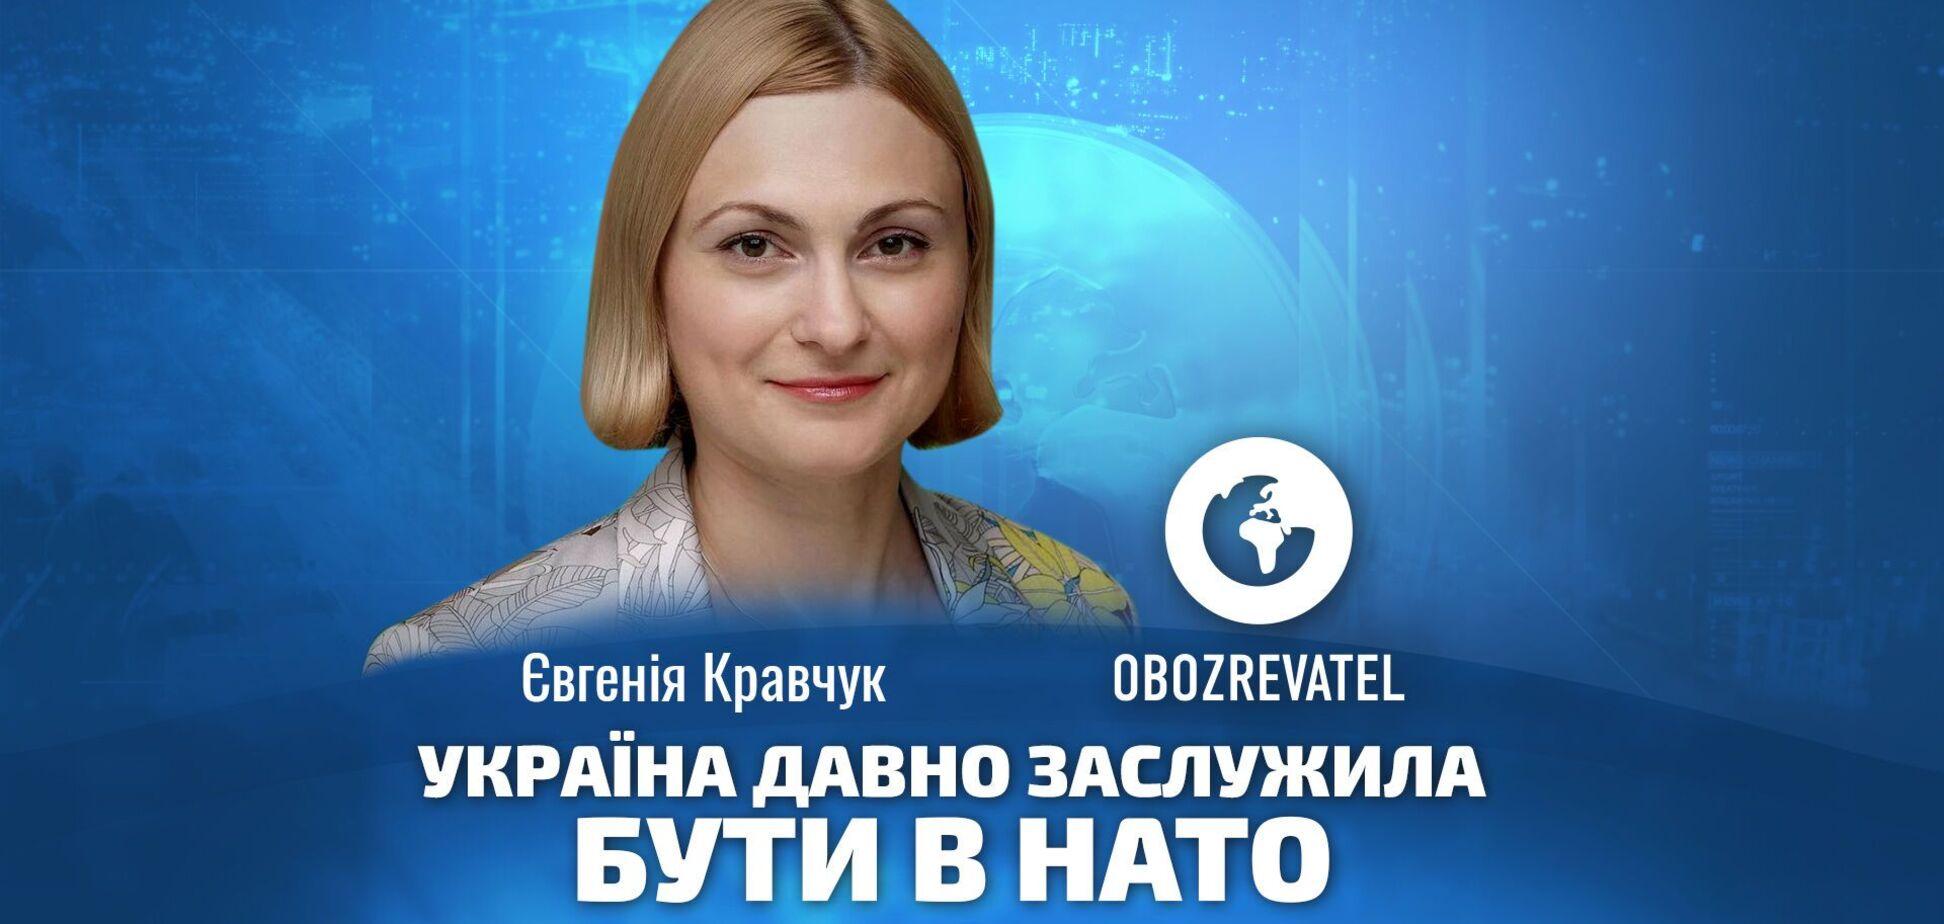 Україна давно заслужила бути в НАТО, – Кравчук